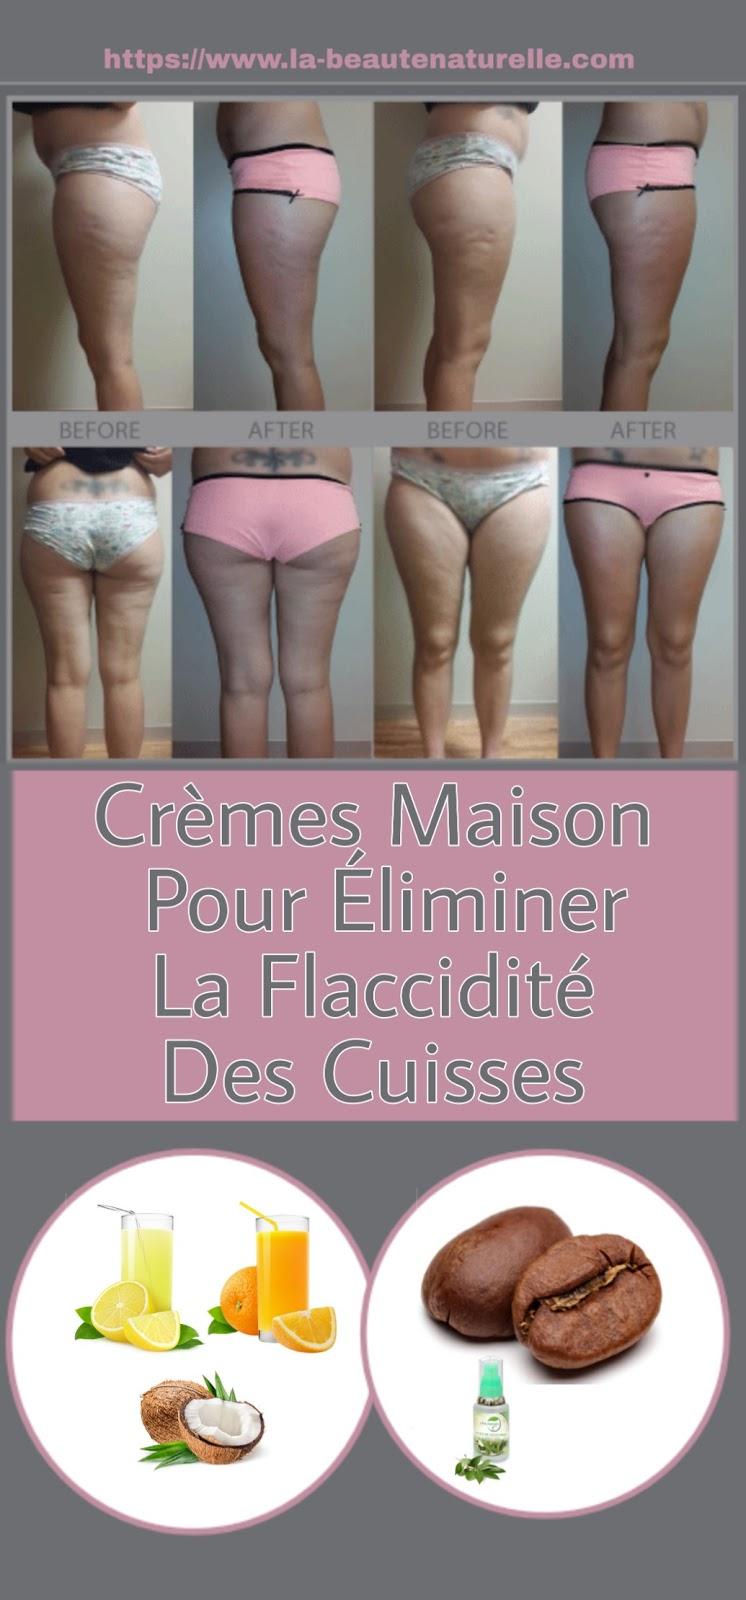 Crèmes Maison Pour Éliminer La Flaccidité Des Cuisses